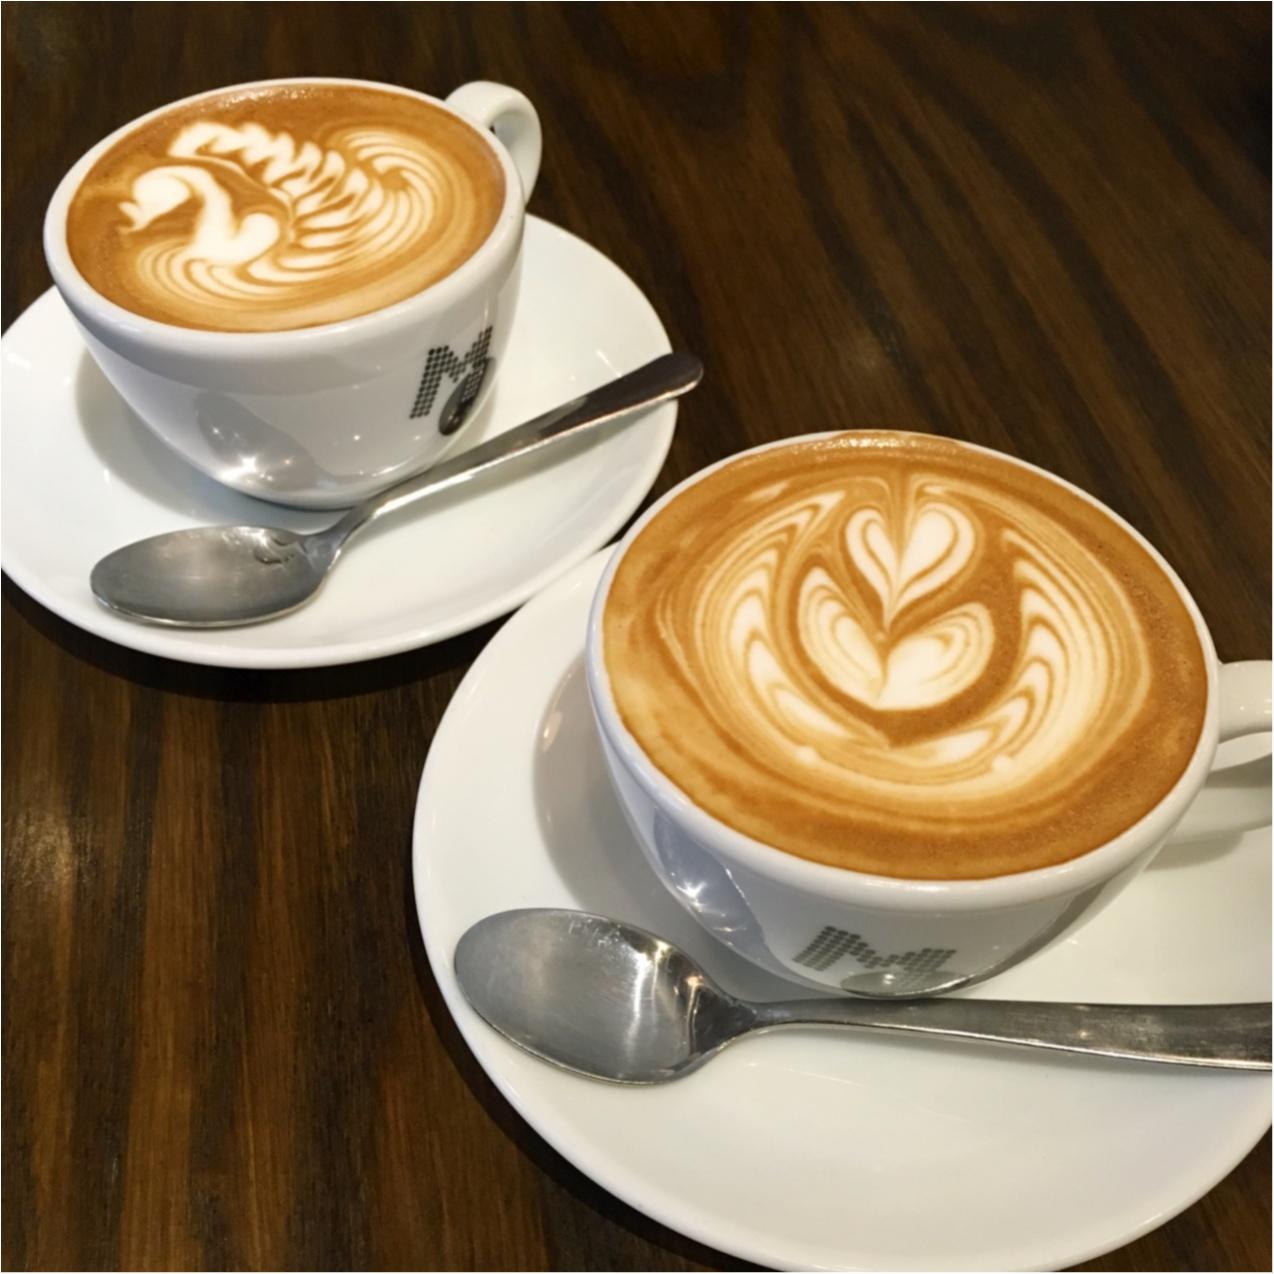 【大阪】 美しいラテアートに心ときめく♡♡フォトジェニックなコーヒーはいかが?_6